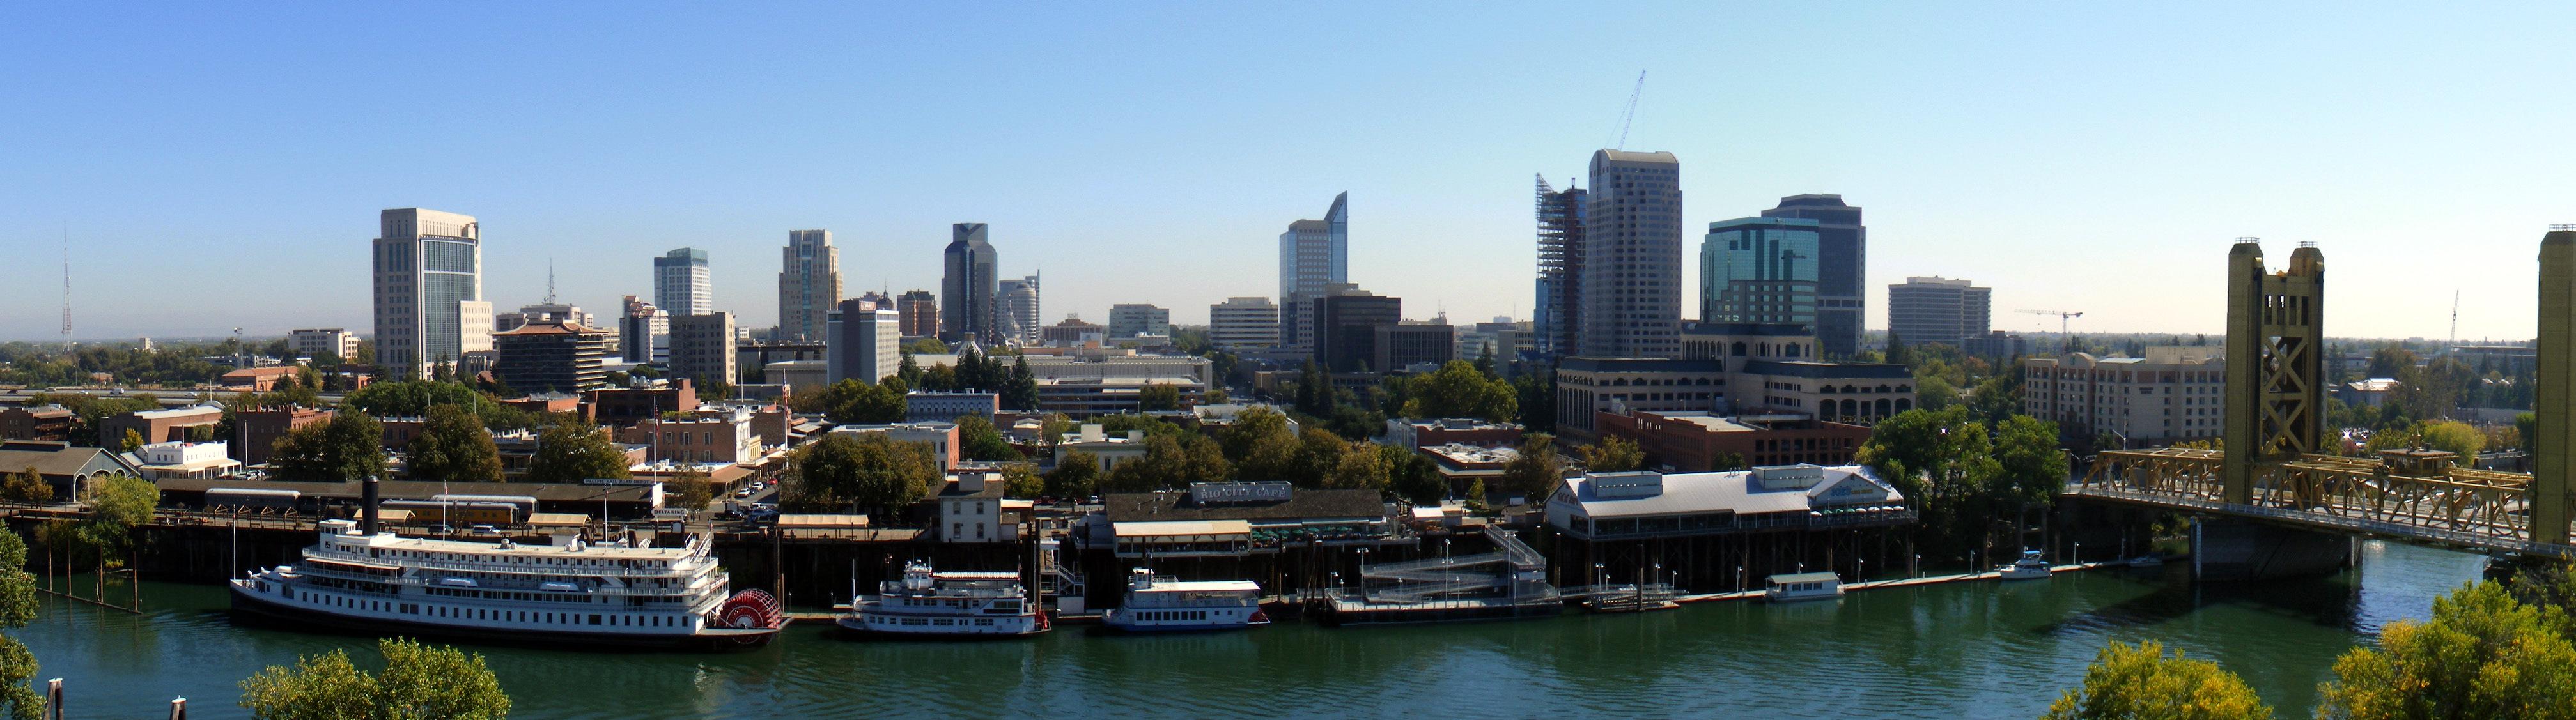 Sacramento, California Population 2019 (Demographics,